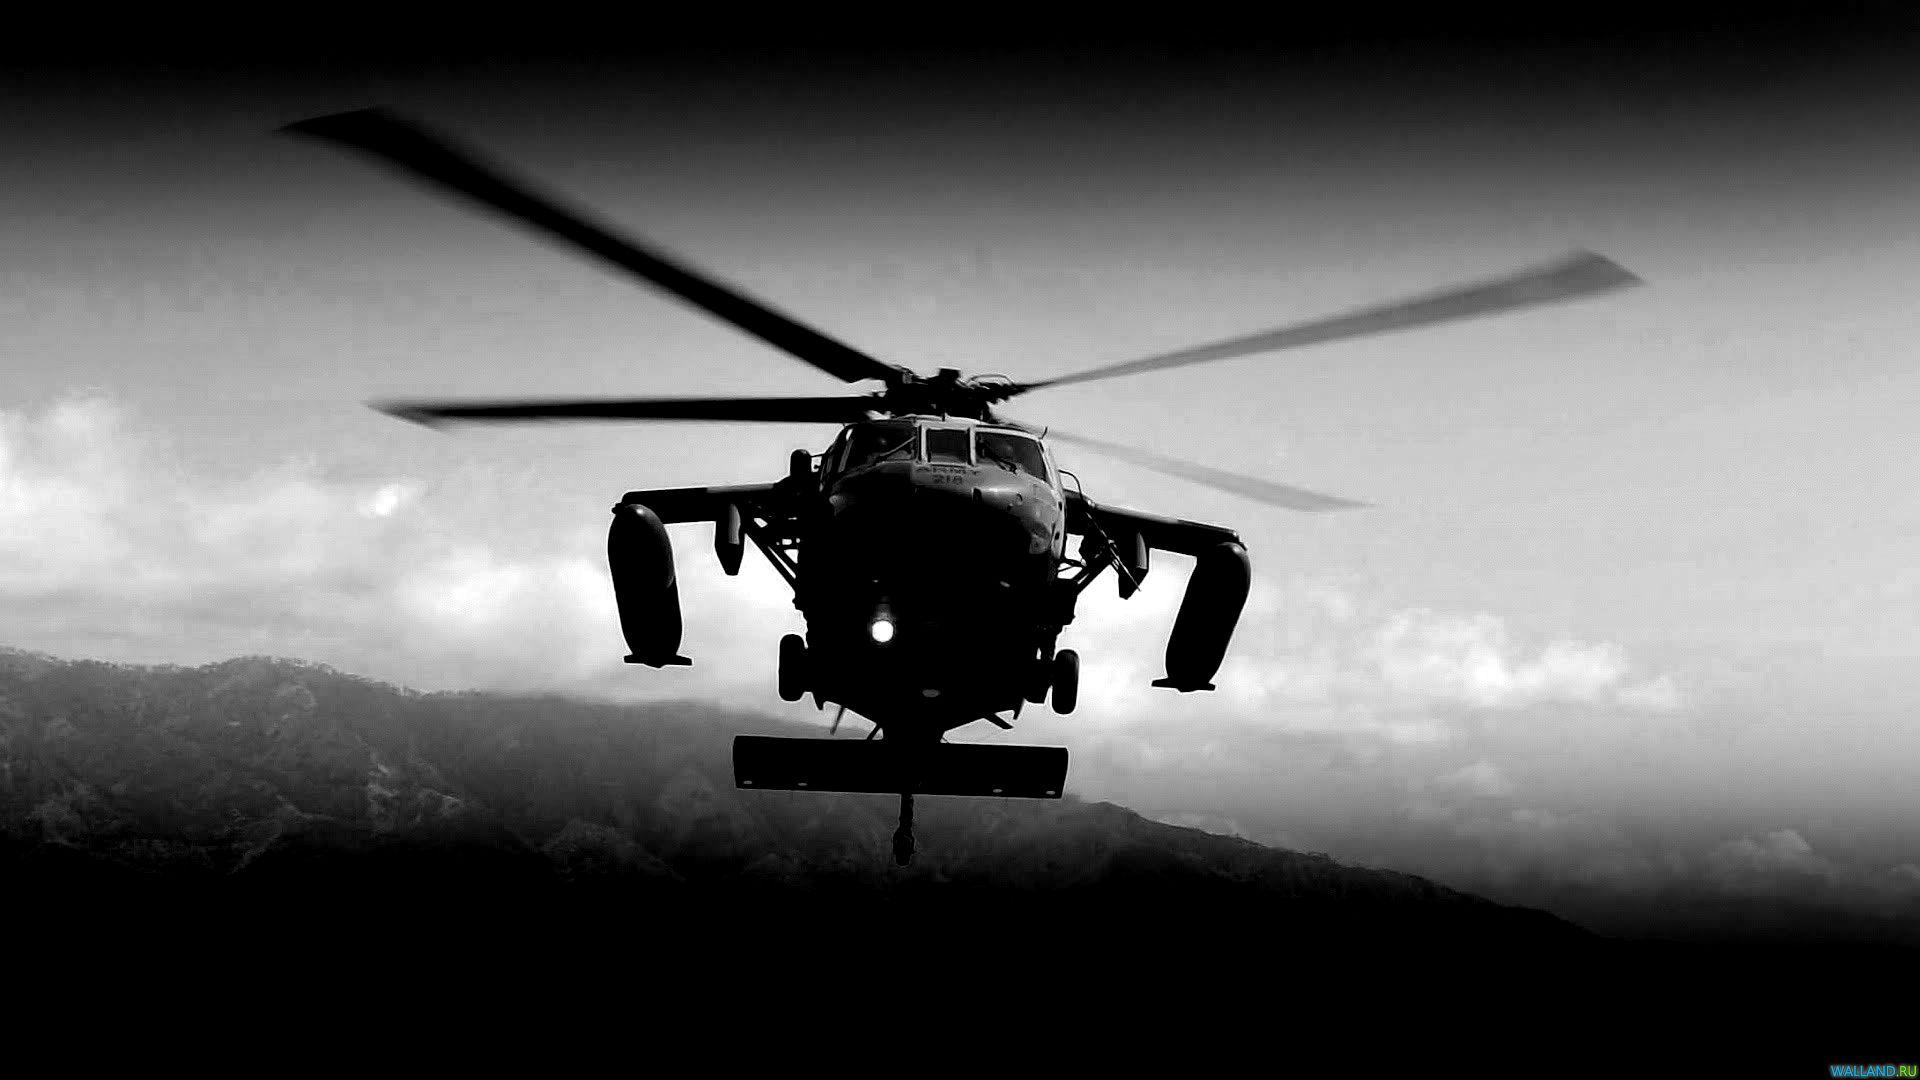 Обои, фото, вертолет, скачать